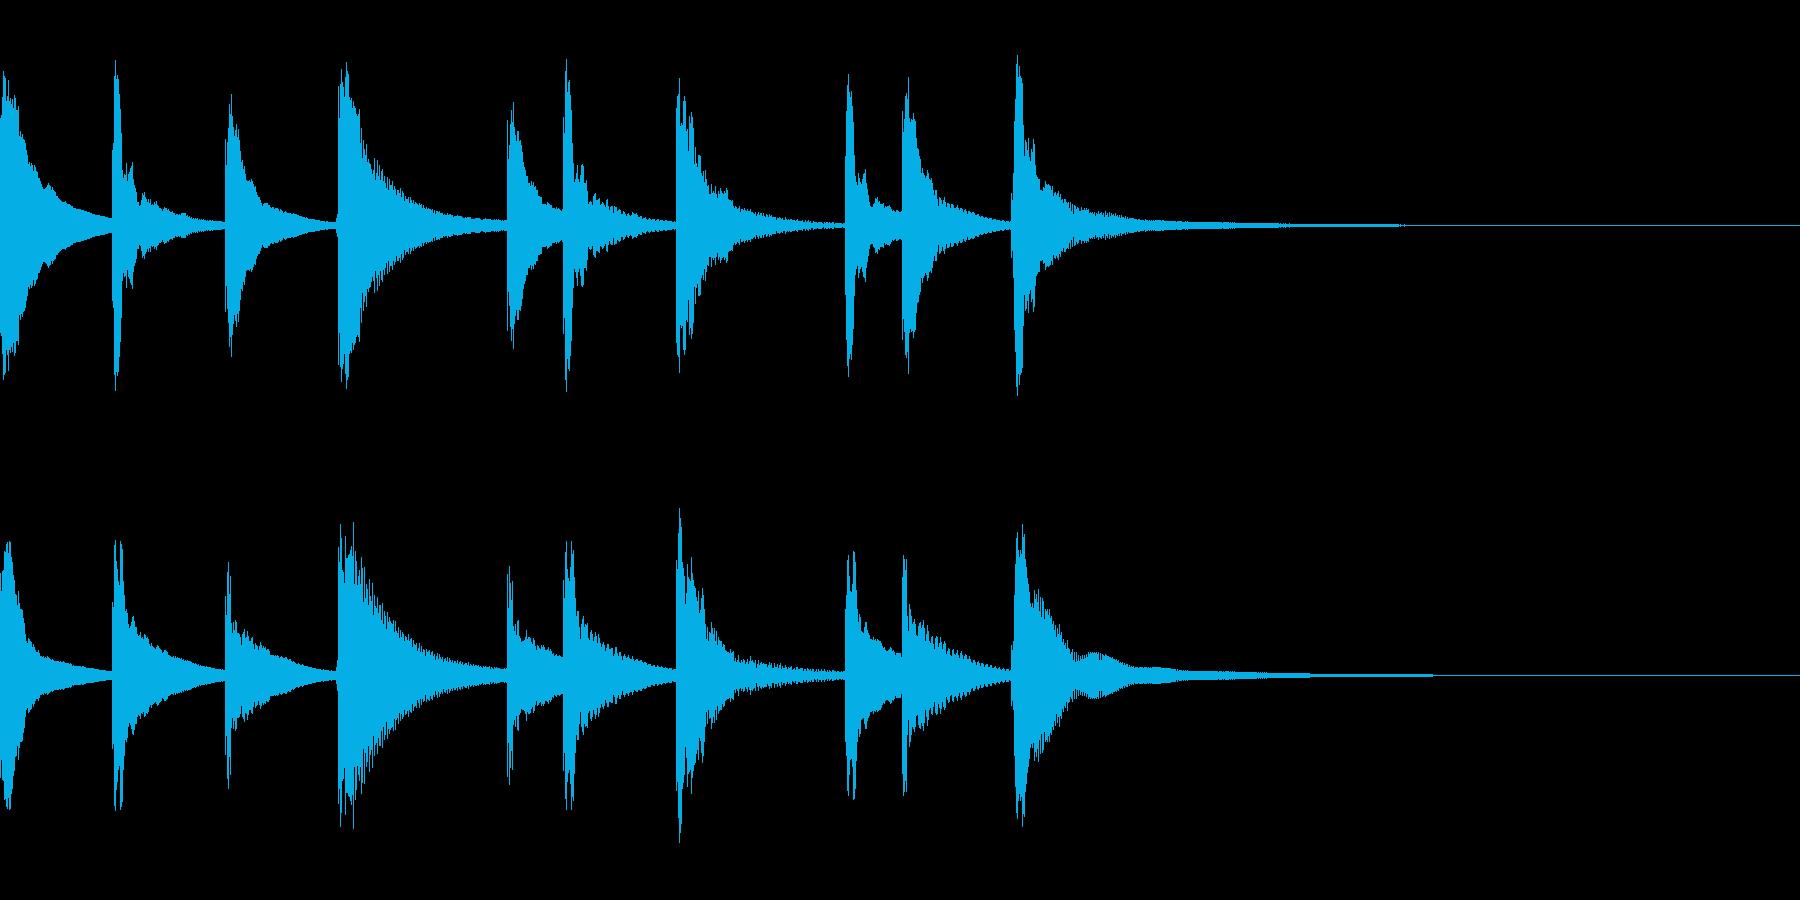 シロフォンの悲しい5秒のジングルの再生済みの波形